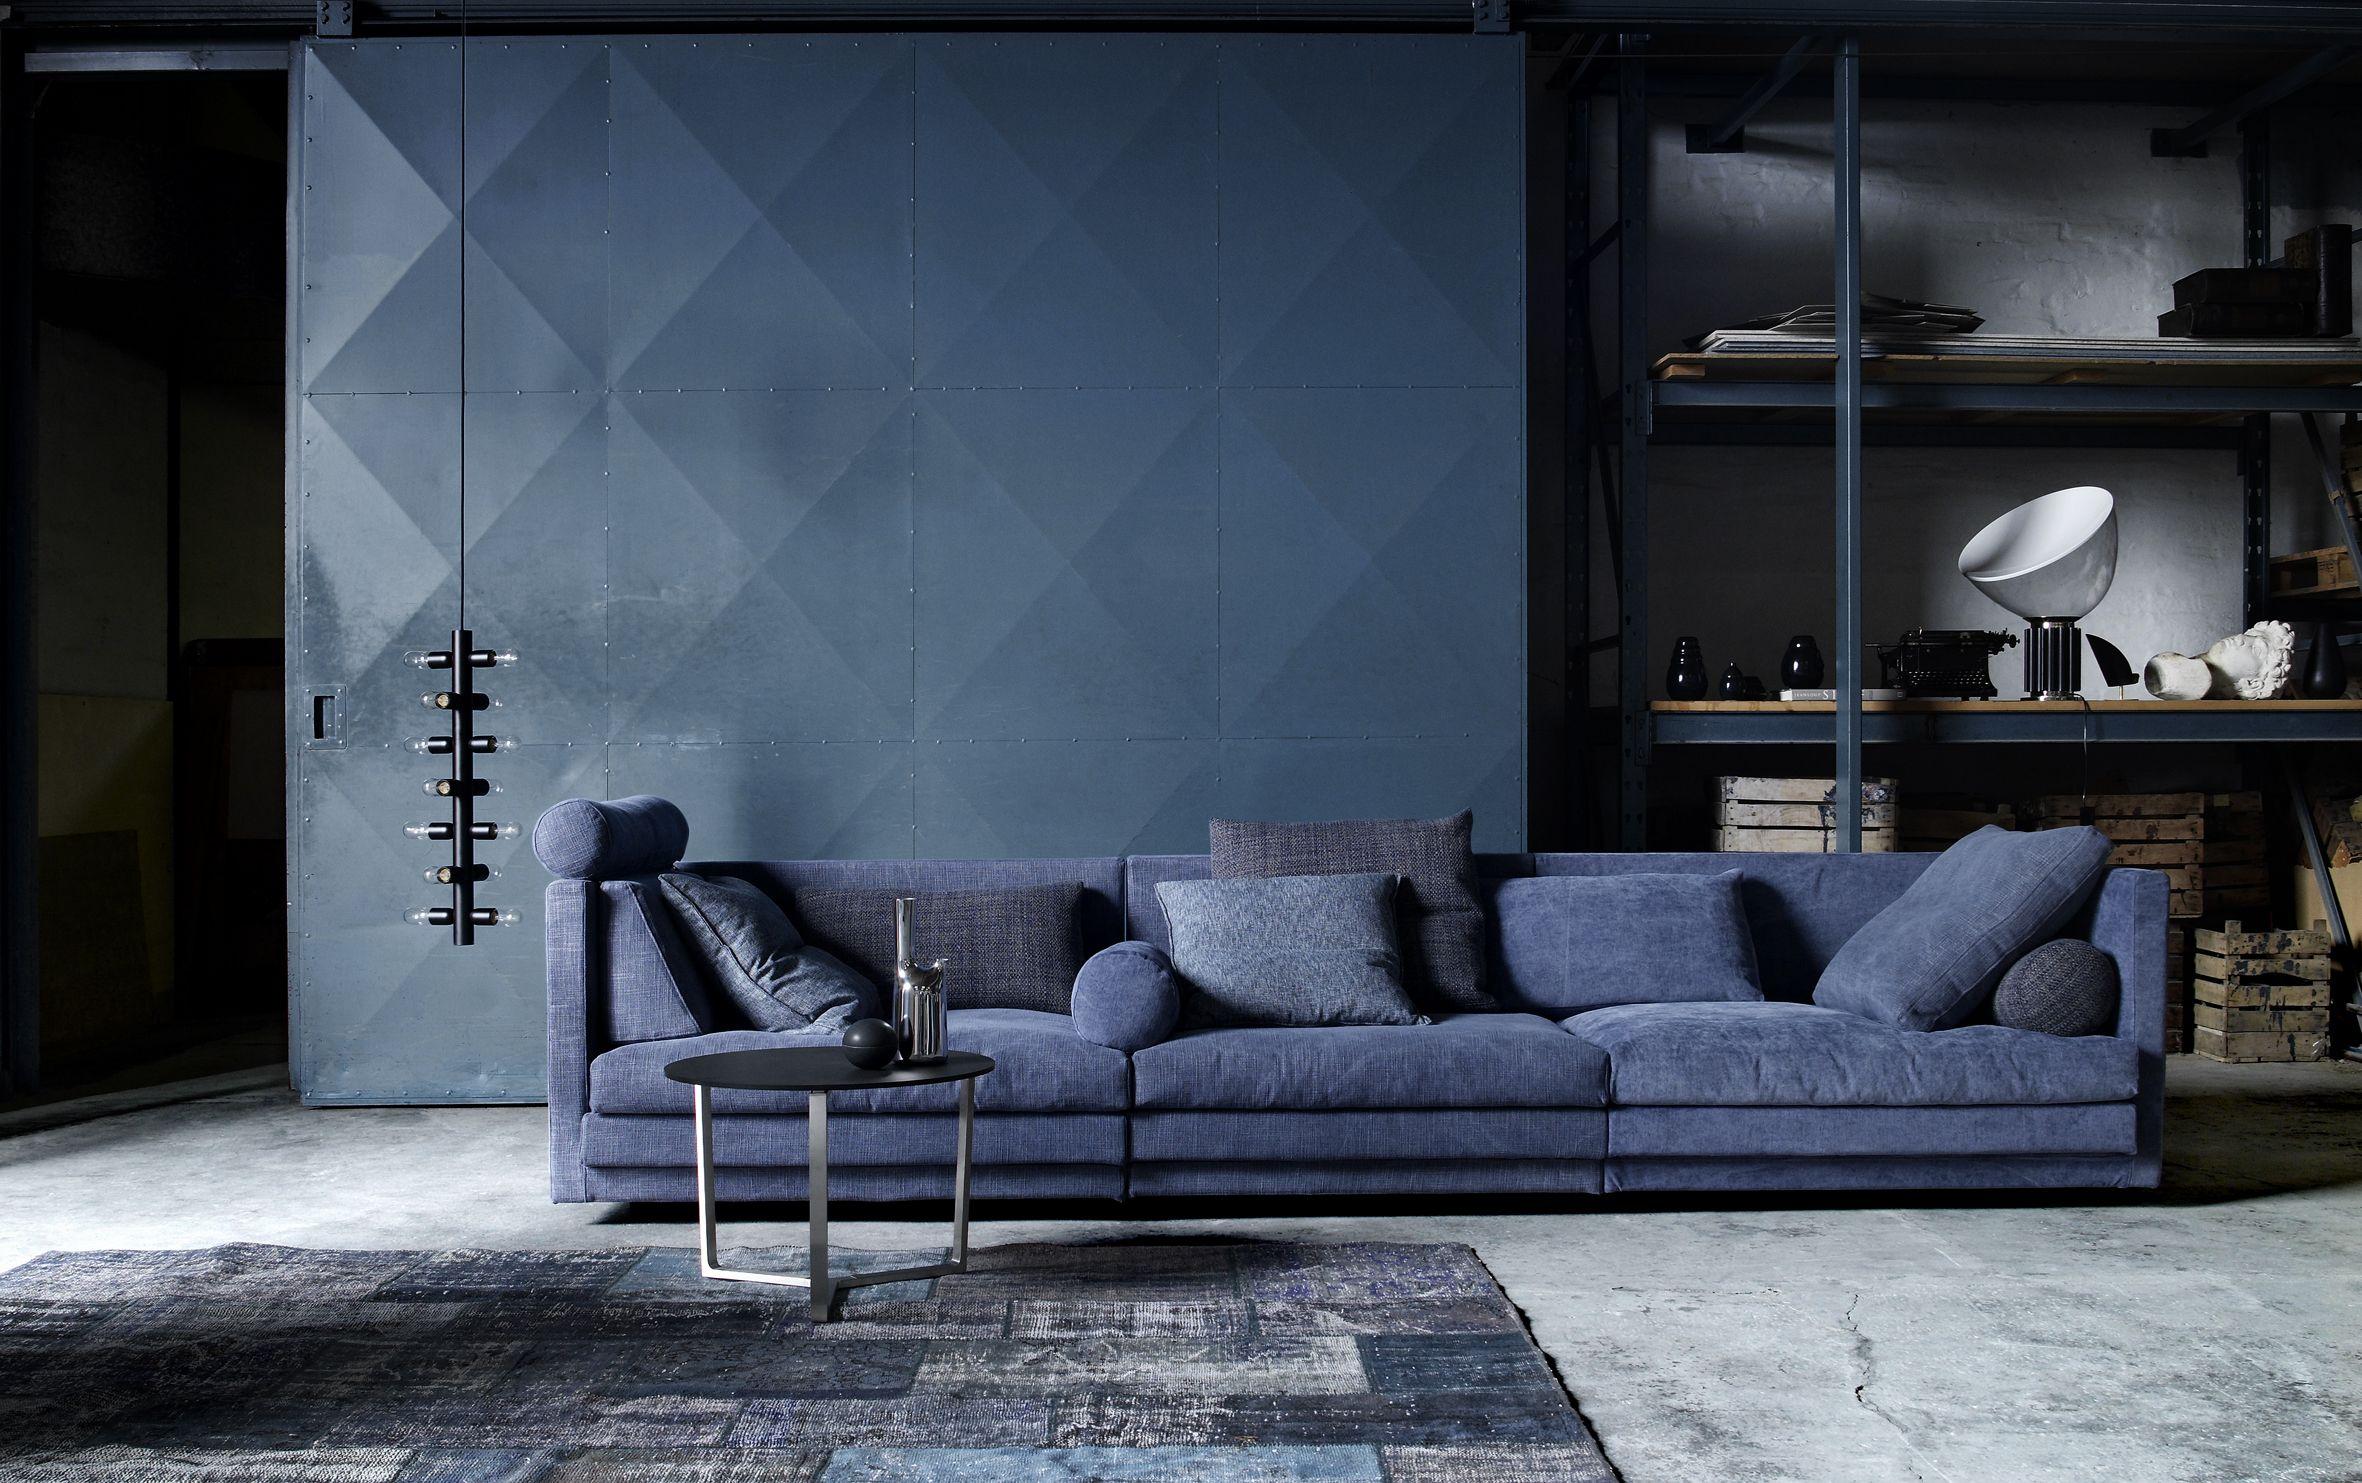 Eilersen Kcc Modern Contemporary Sofa Design Sofa Design Sofa Colors